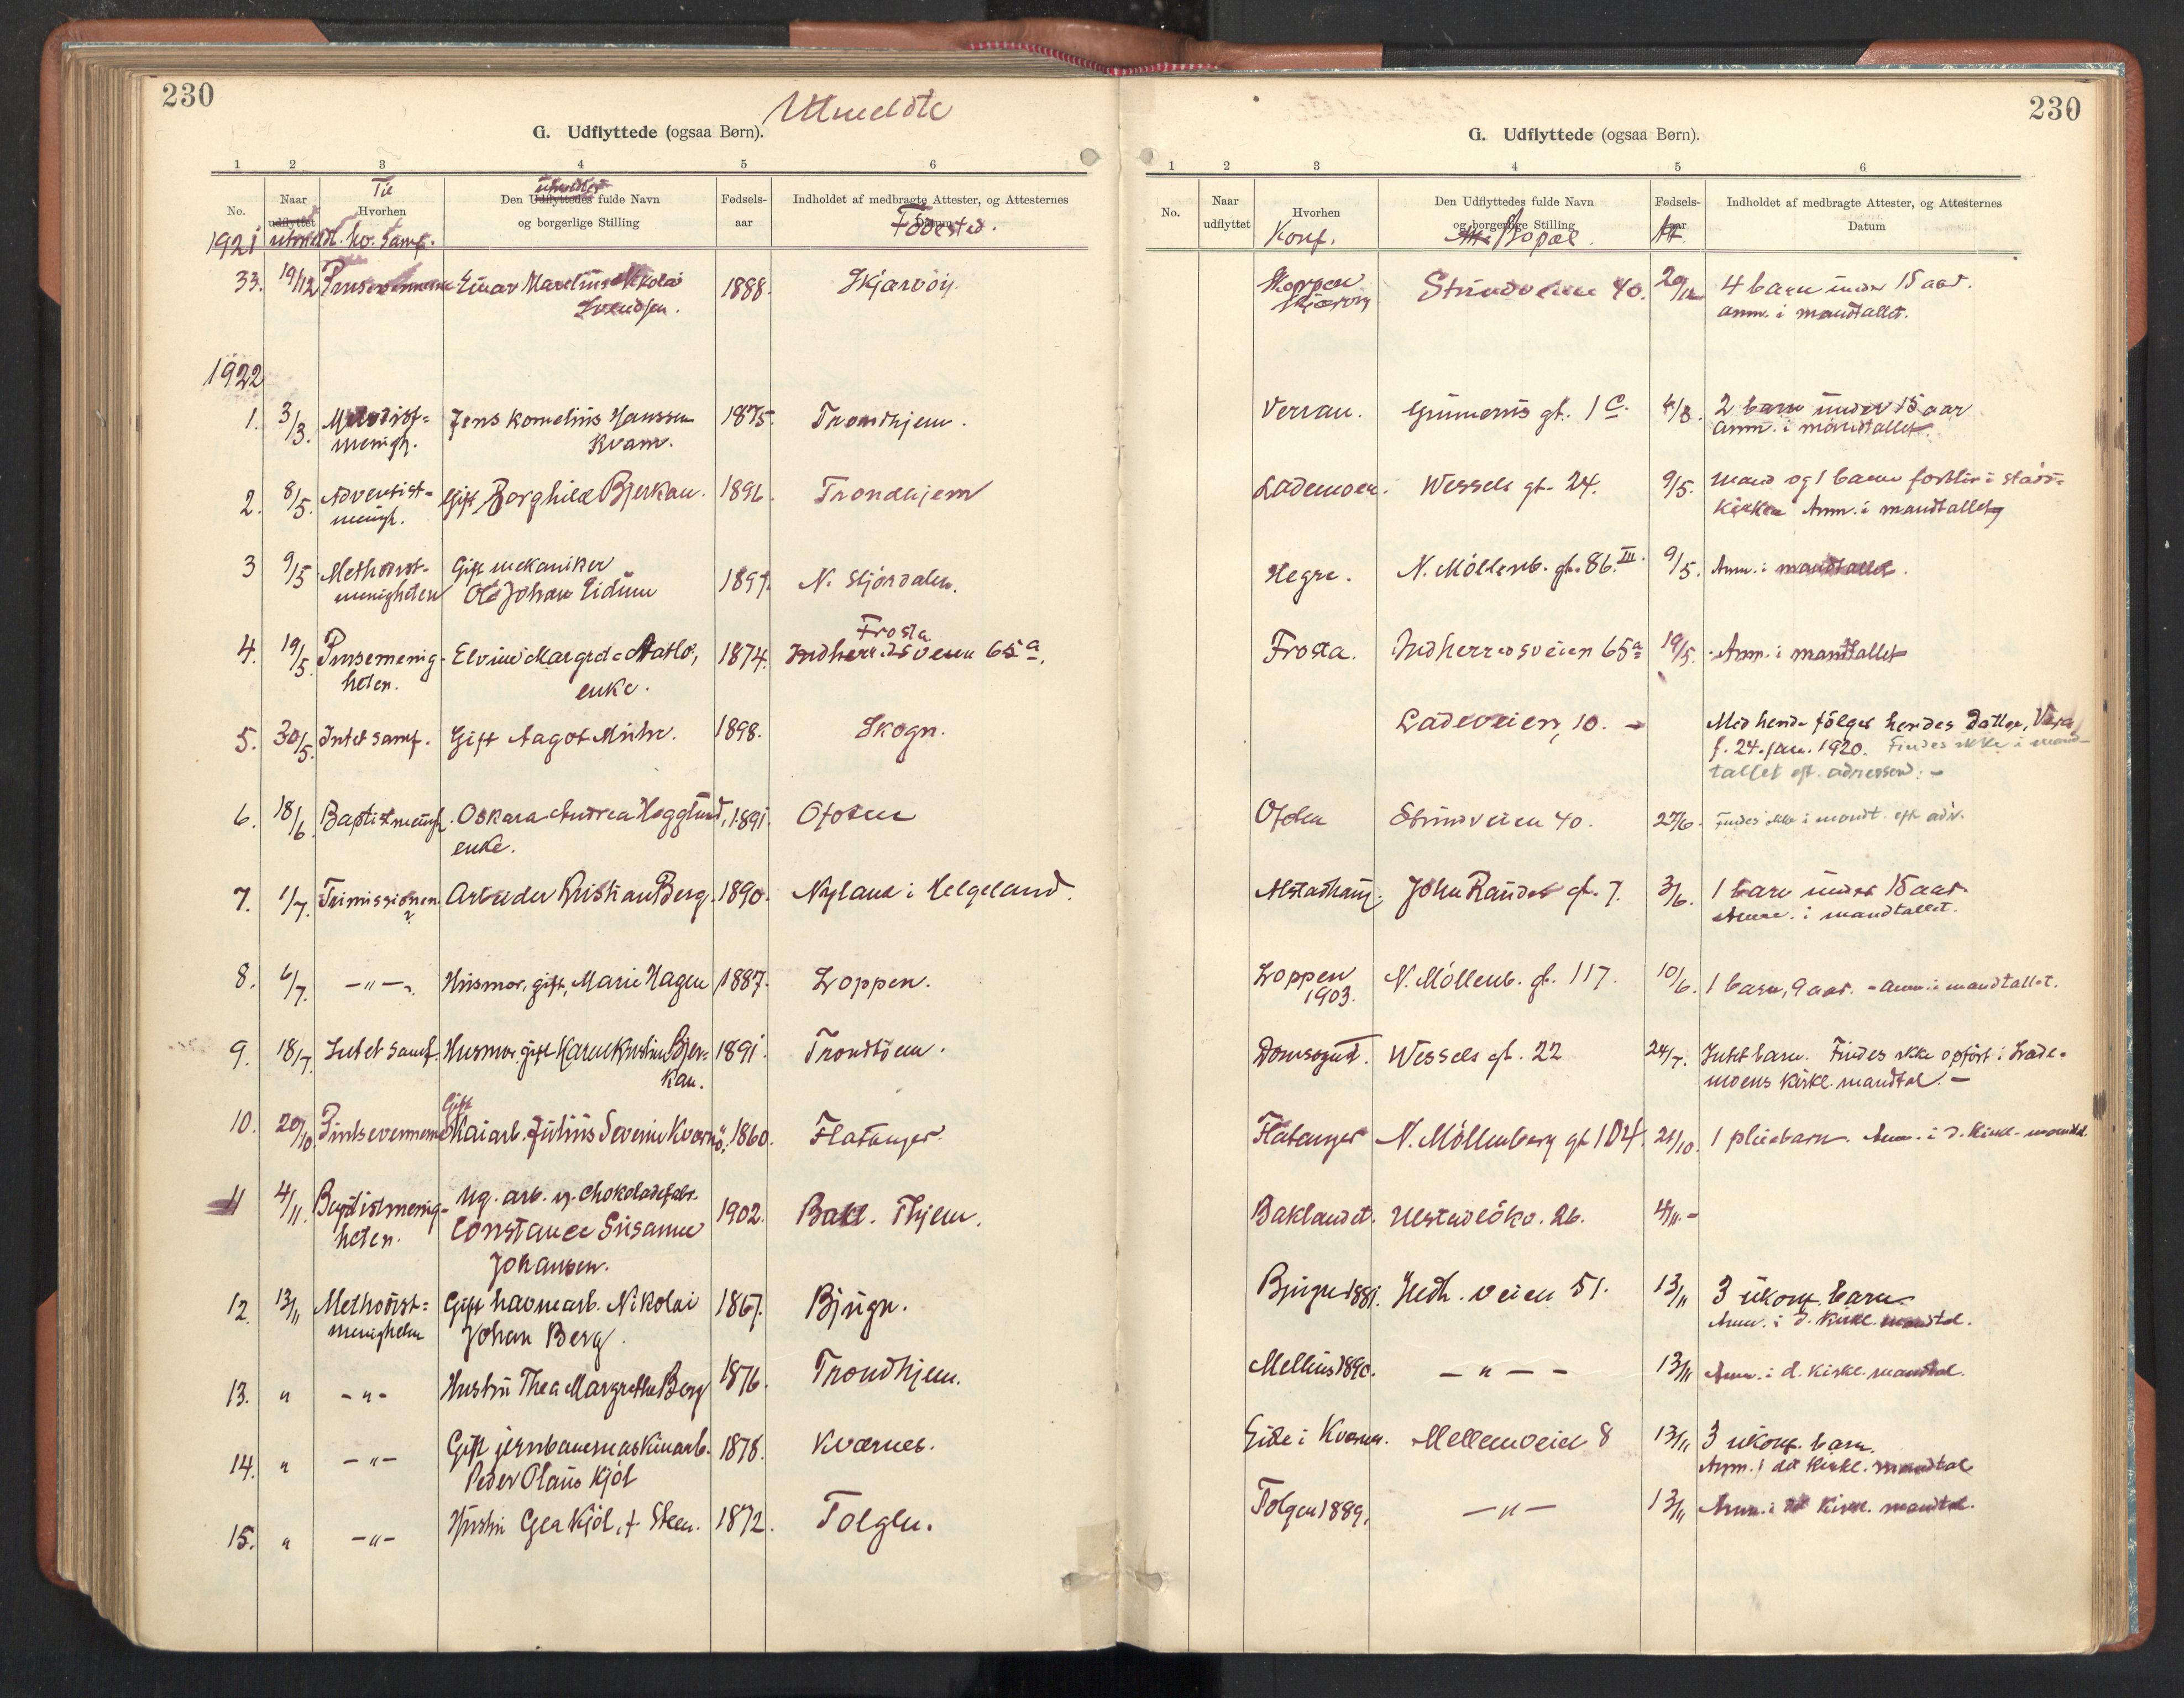 SAT, Ministerialprotokoller, klokkerbøker og fødselsregistre - Sør-Trøndelag, 605/L0244: Ministerialbok nr. 605A06, 1908-1954, s. 230